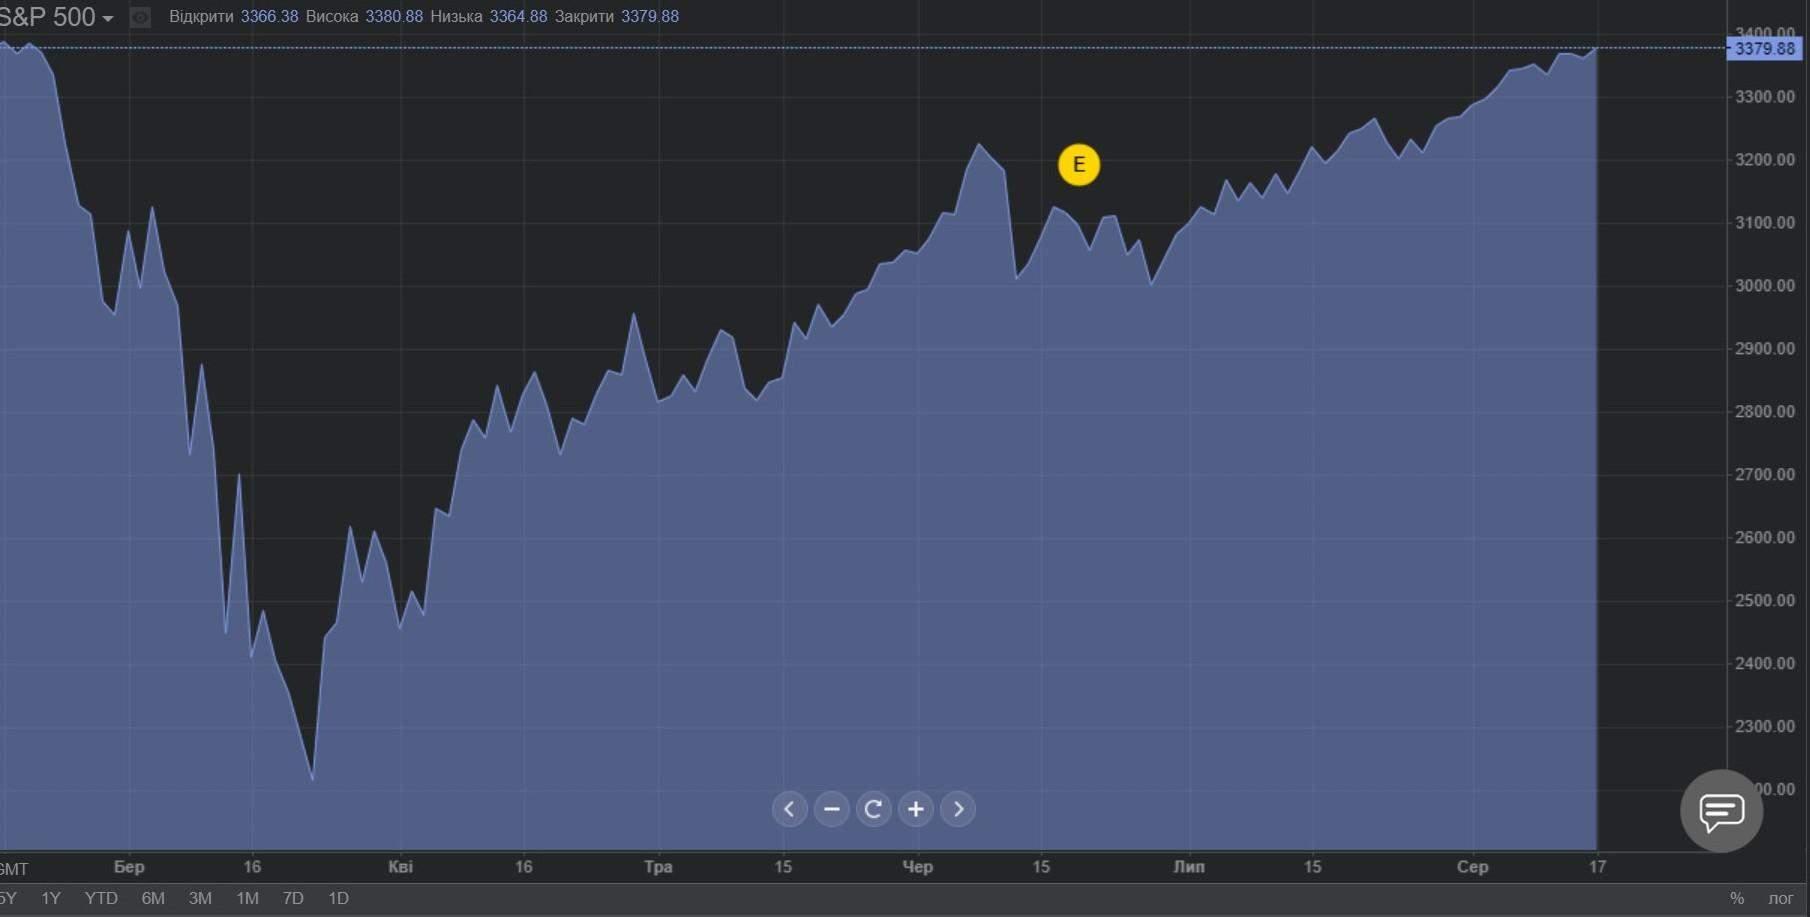 Як змінювався індекс S&P 500